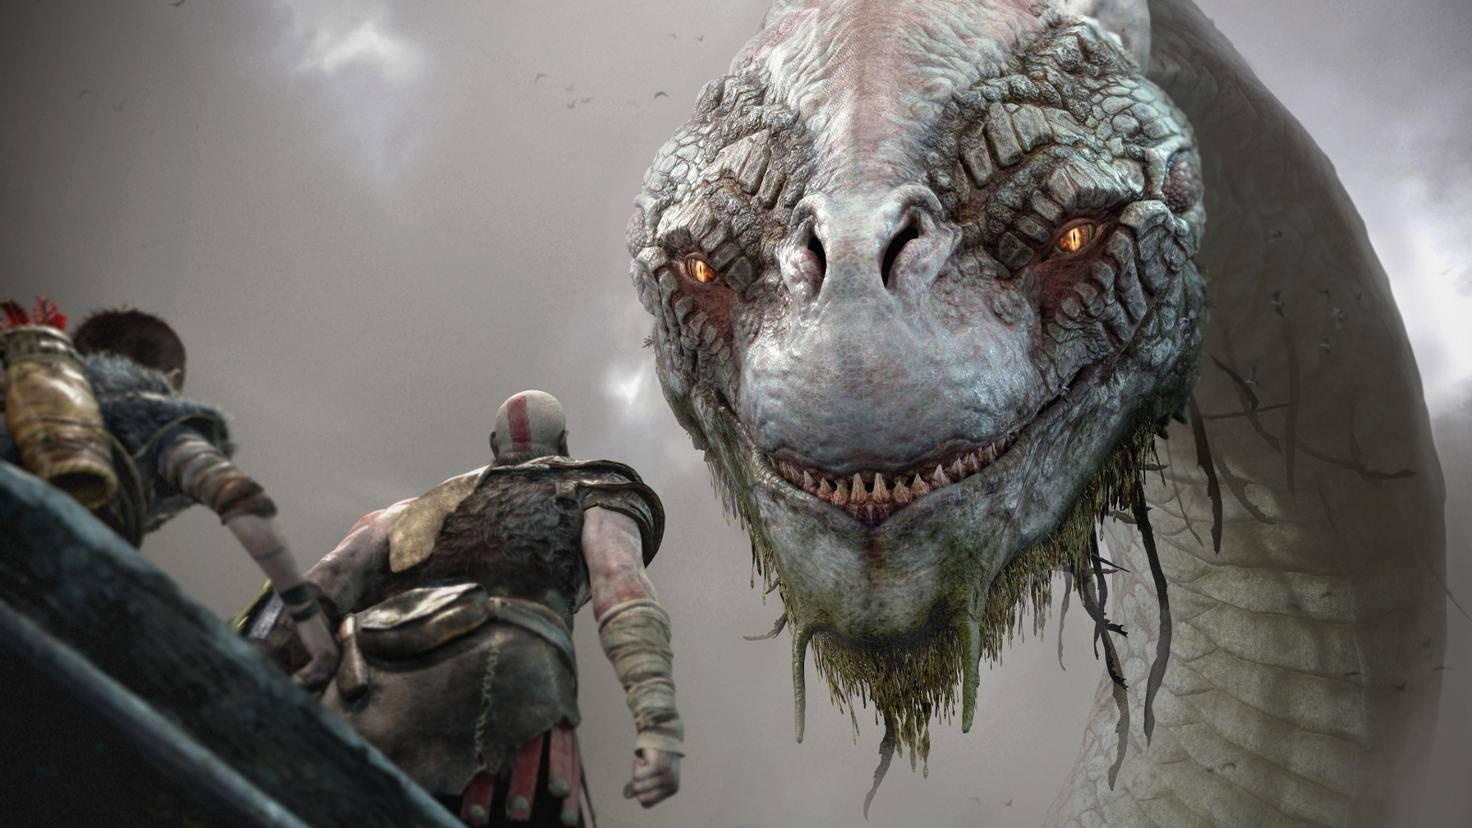 Kratos und Sohnemann Atreus kämpfen exklusiv auf der PS4 gegen die Götter der Germanen.